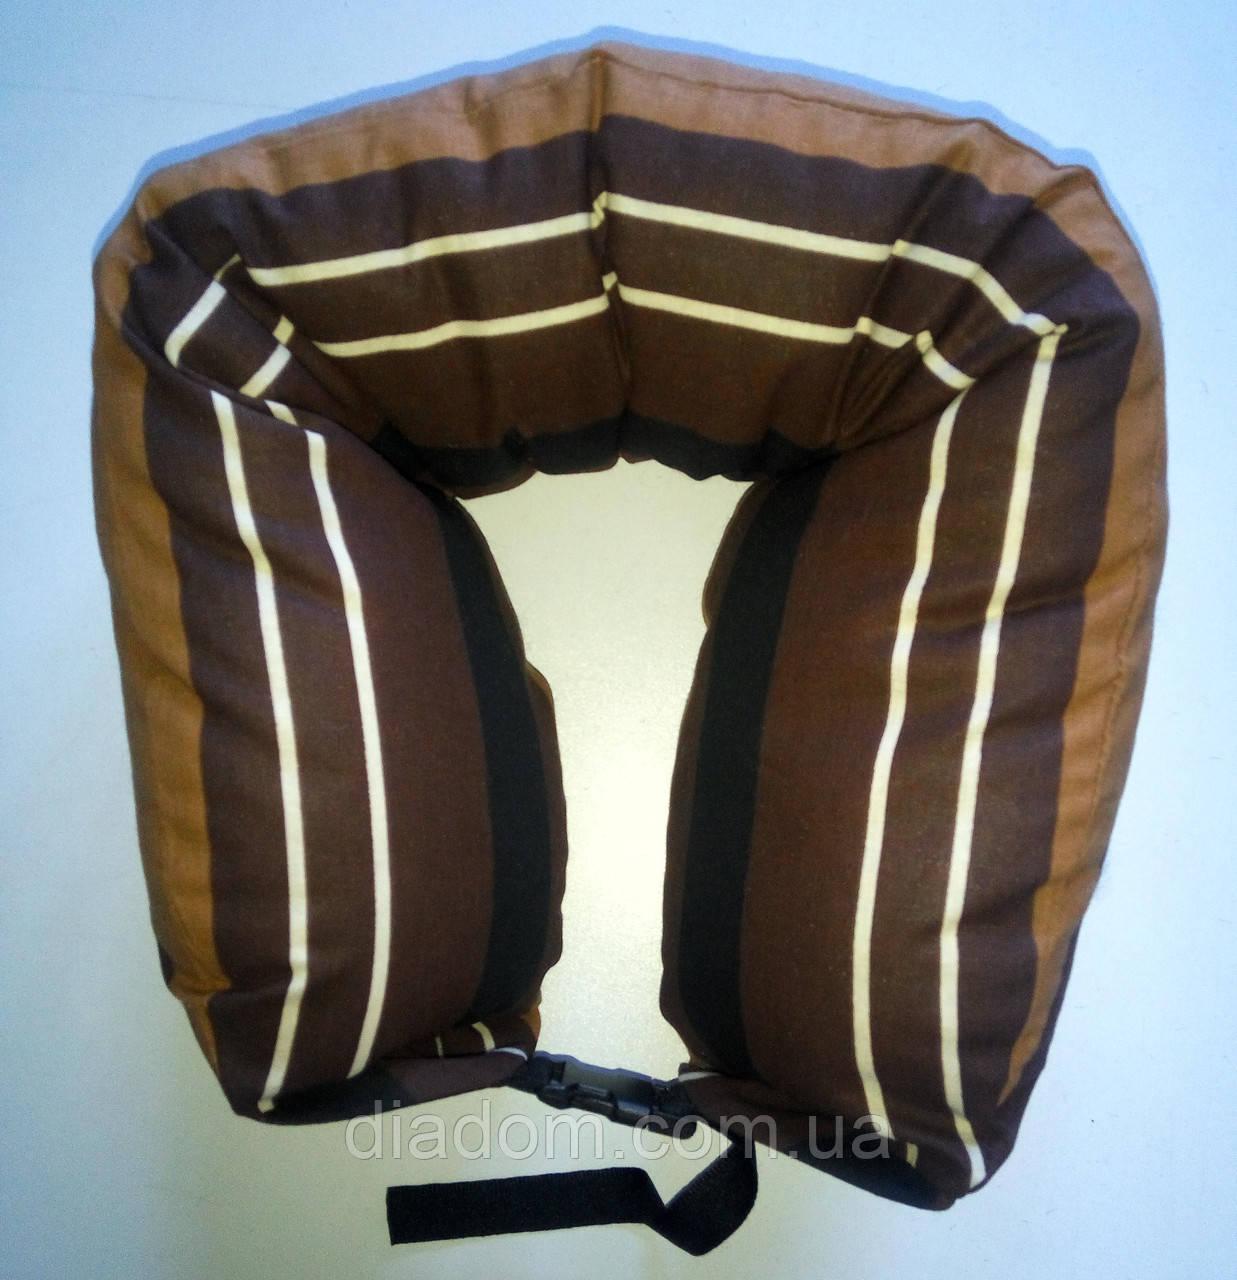 Дорожная подушка-трансформер  Reverie (Ревери), Цвета в ассортименте